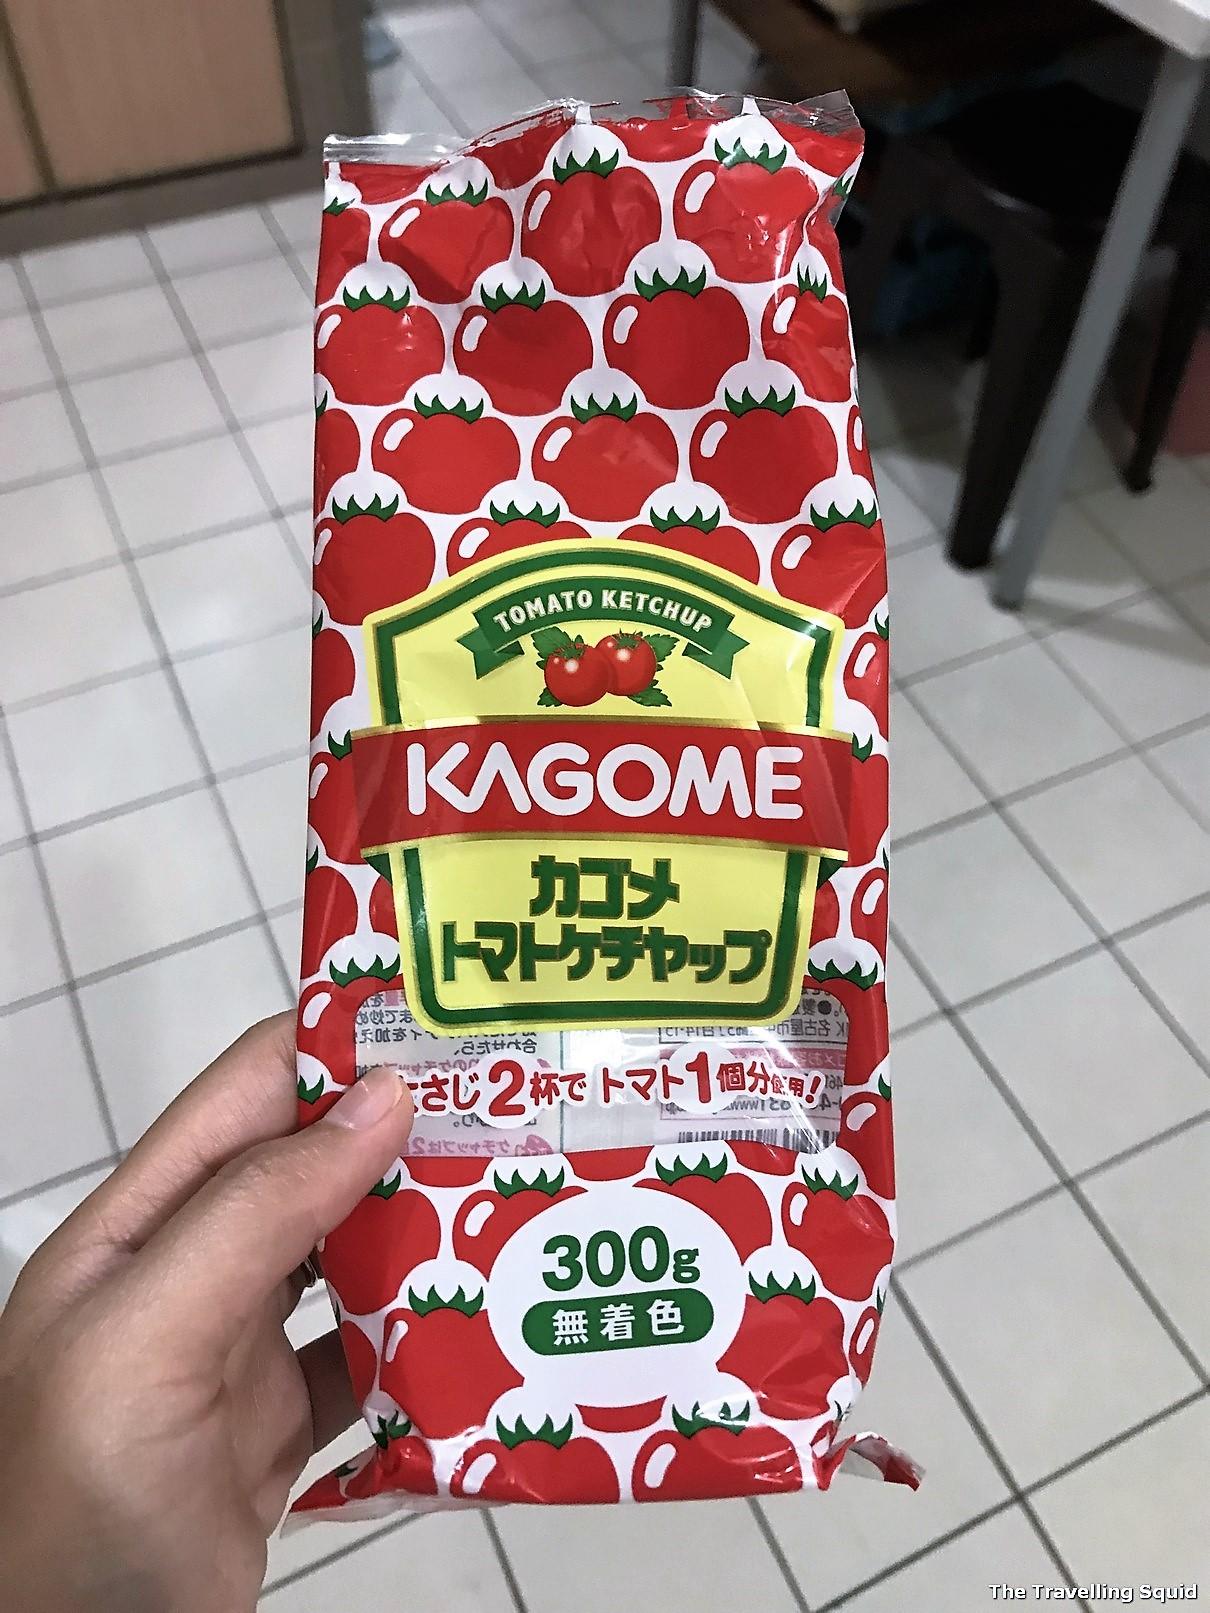 kagome ketchup